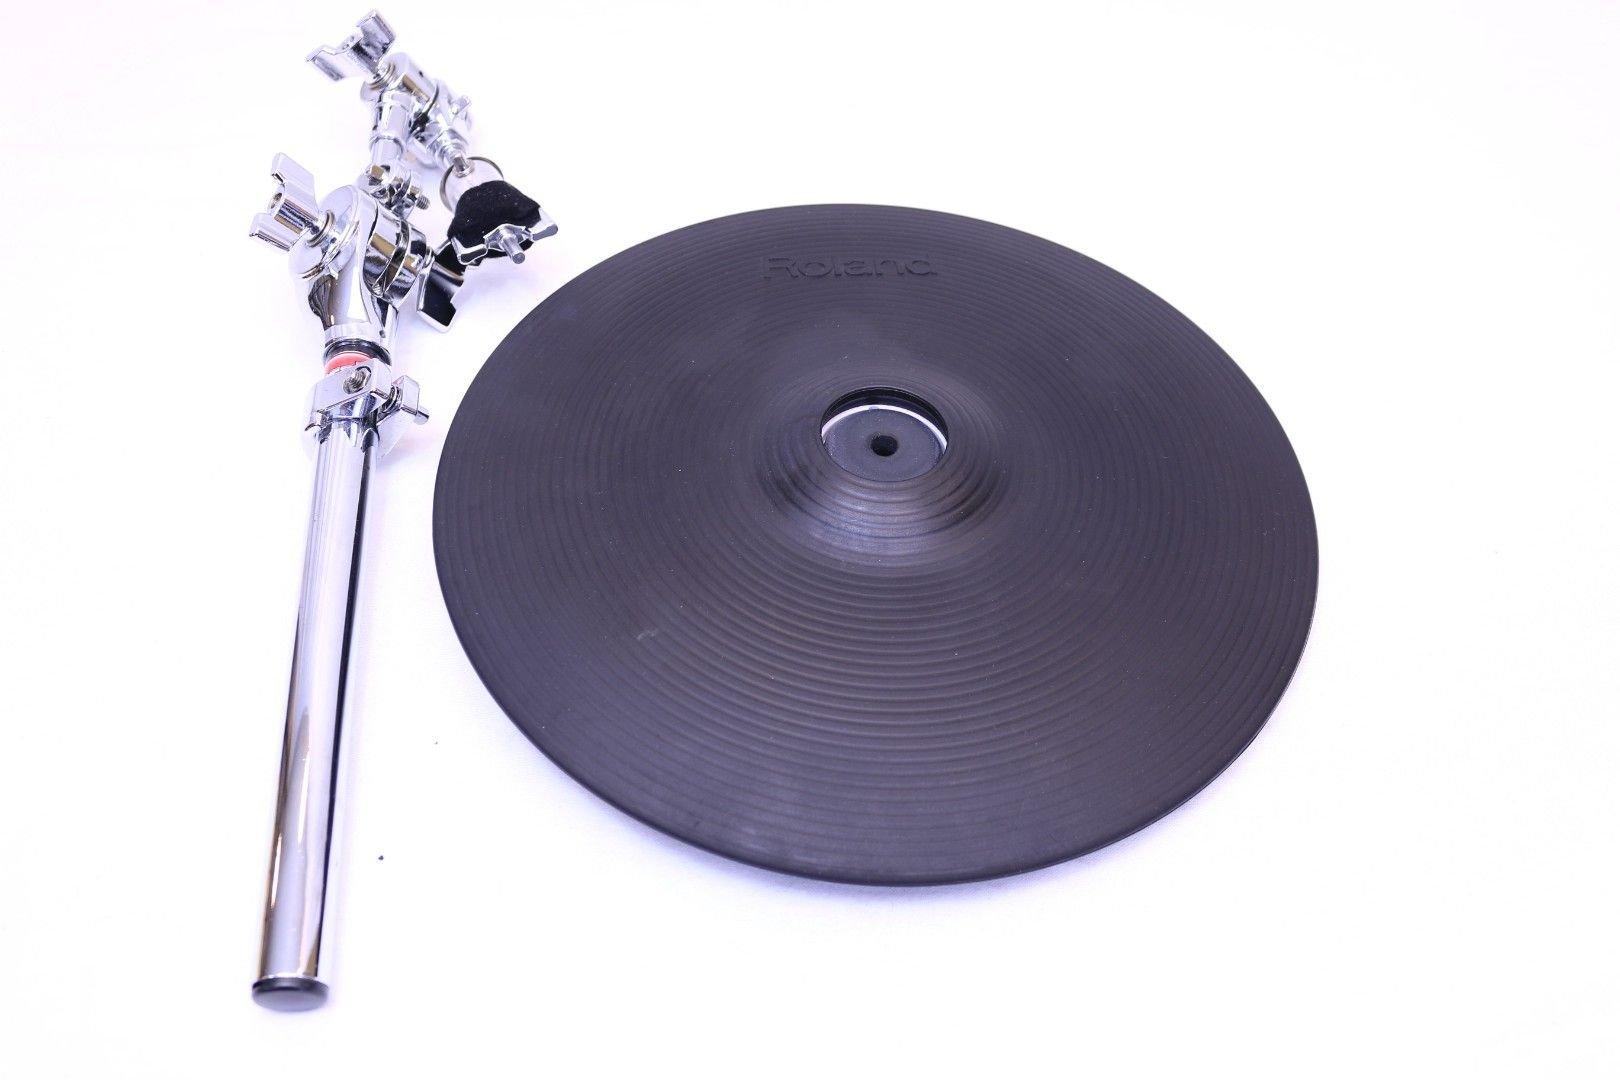 Roland CY-12C V-Cymbal 12'' Crash by R O L A N D